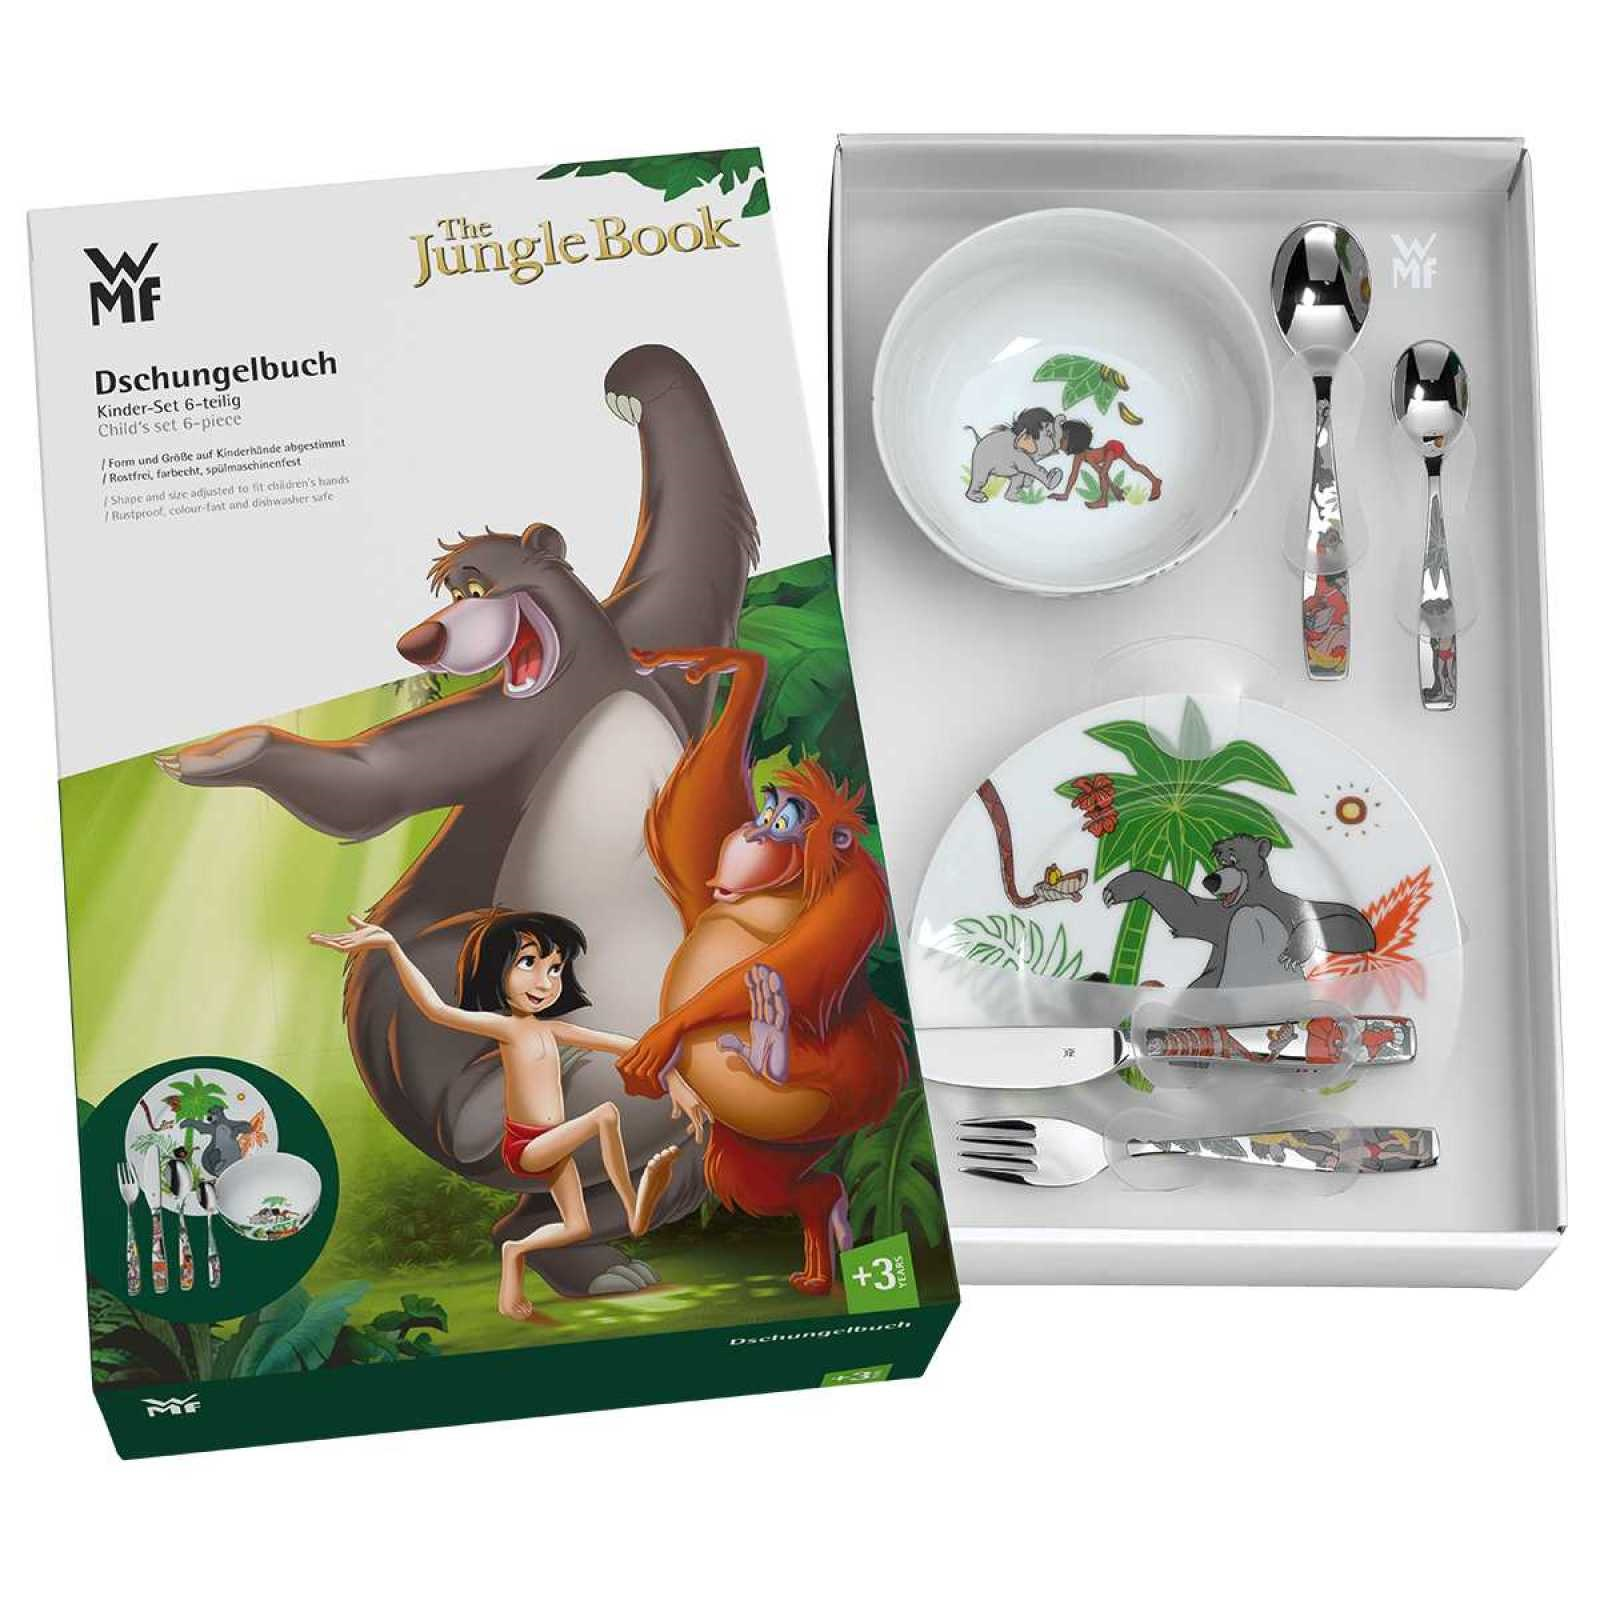 Набор столовый детский 6 пр. WMF Jungle Book  (12 8330 9964) WMF 12 8330 9964 фото 2